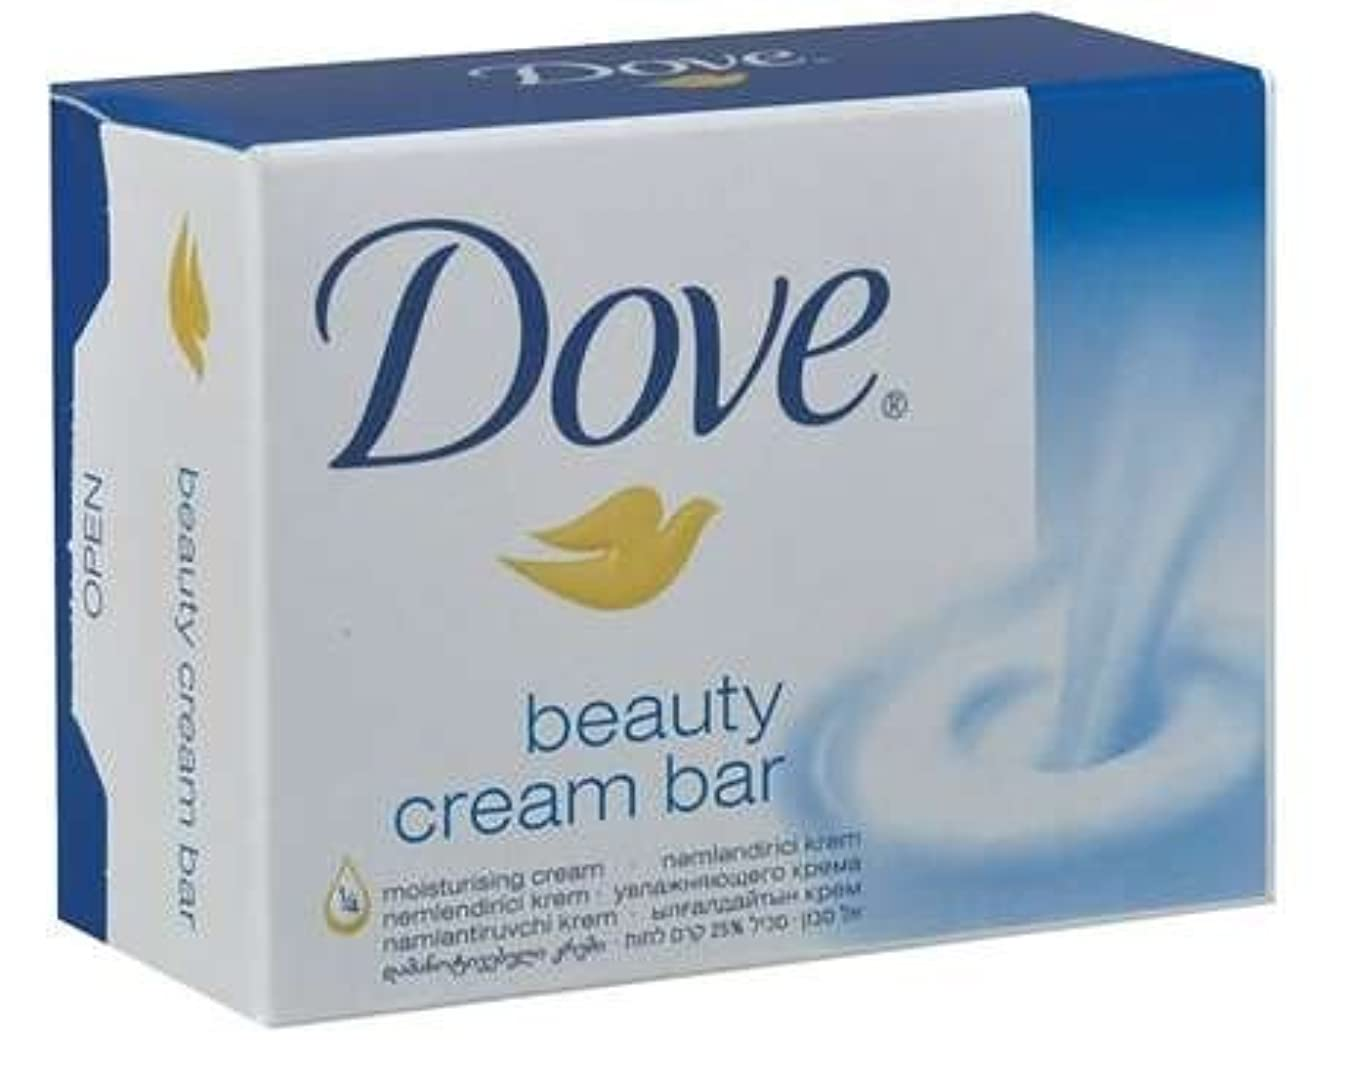 宗教的なベーカリー大西洋Dove Original Beauty Cream Bar White Soap 100 G / 3.5 Oz Bars (Pack of 12) by Dove [並行輸入品]